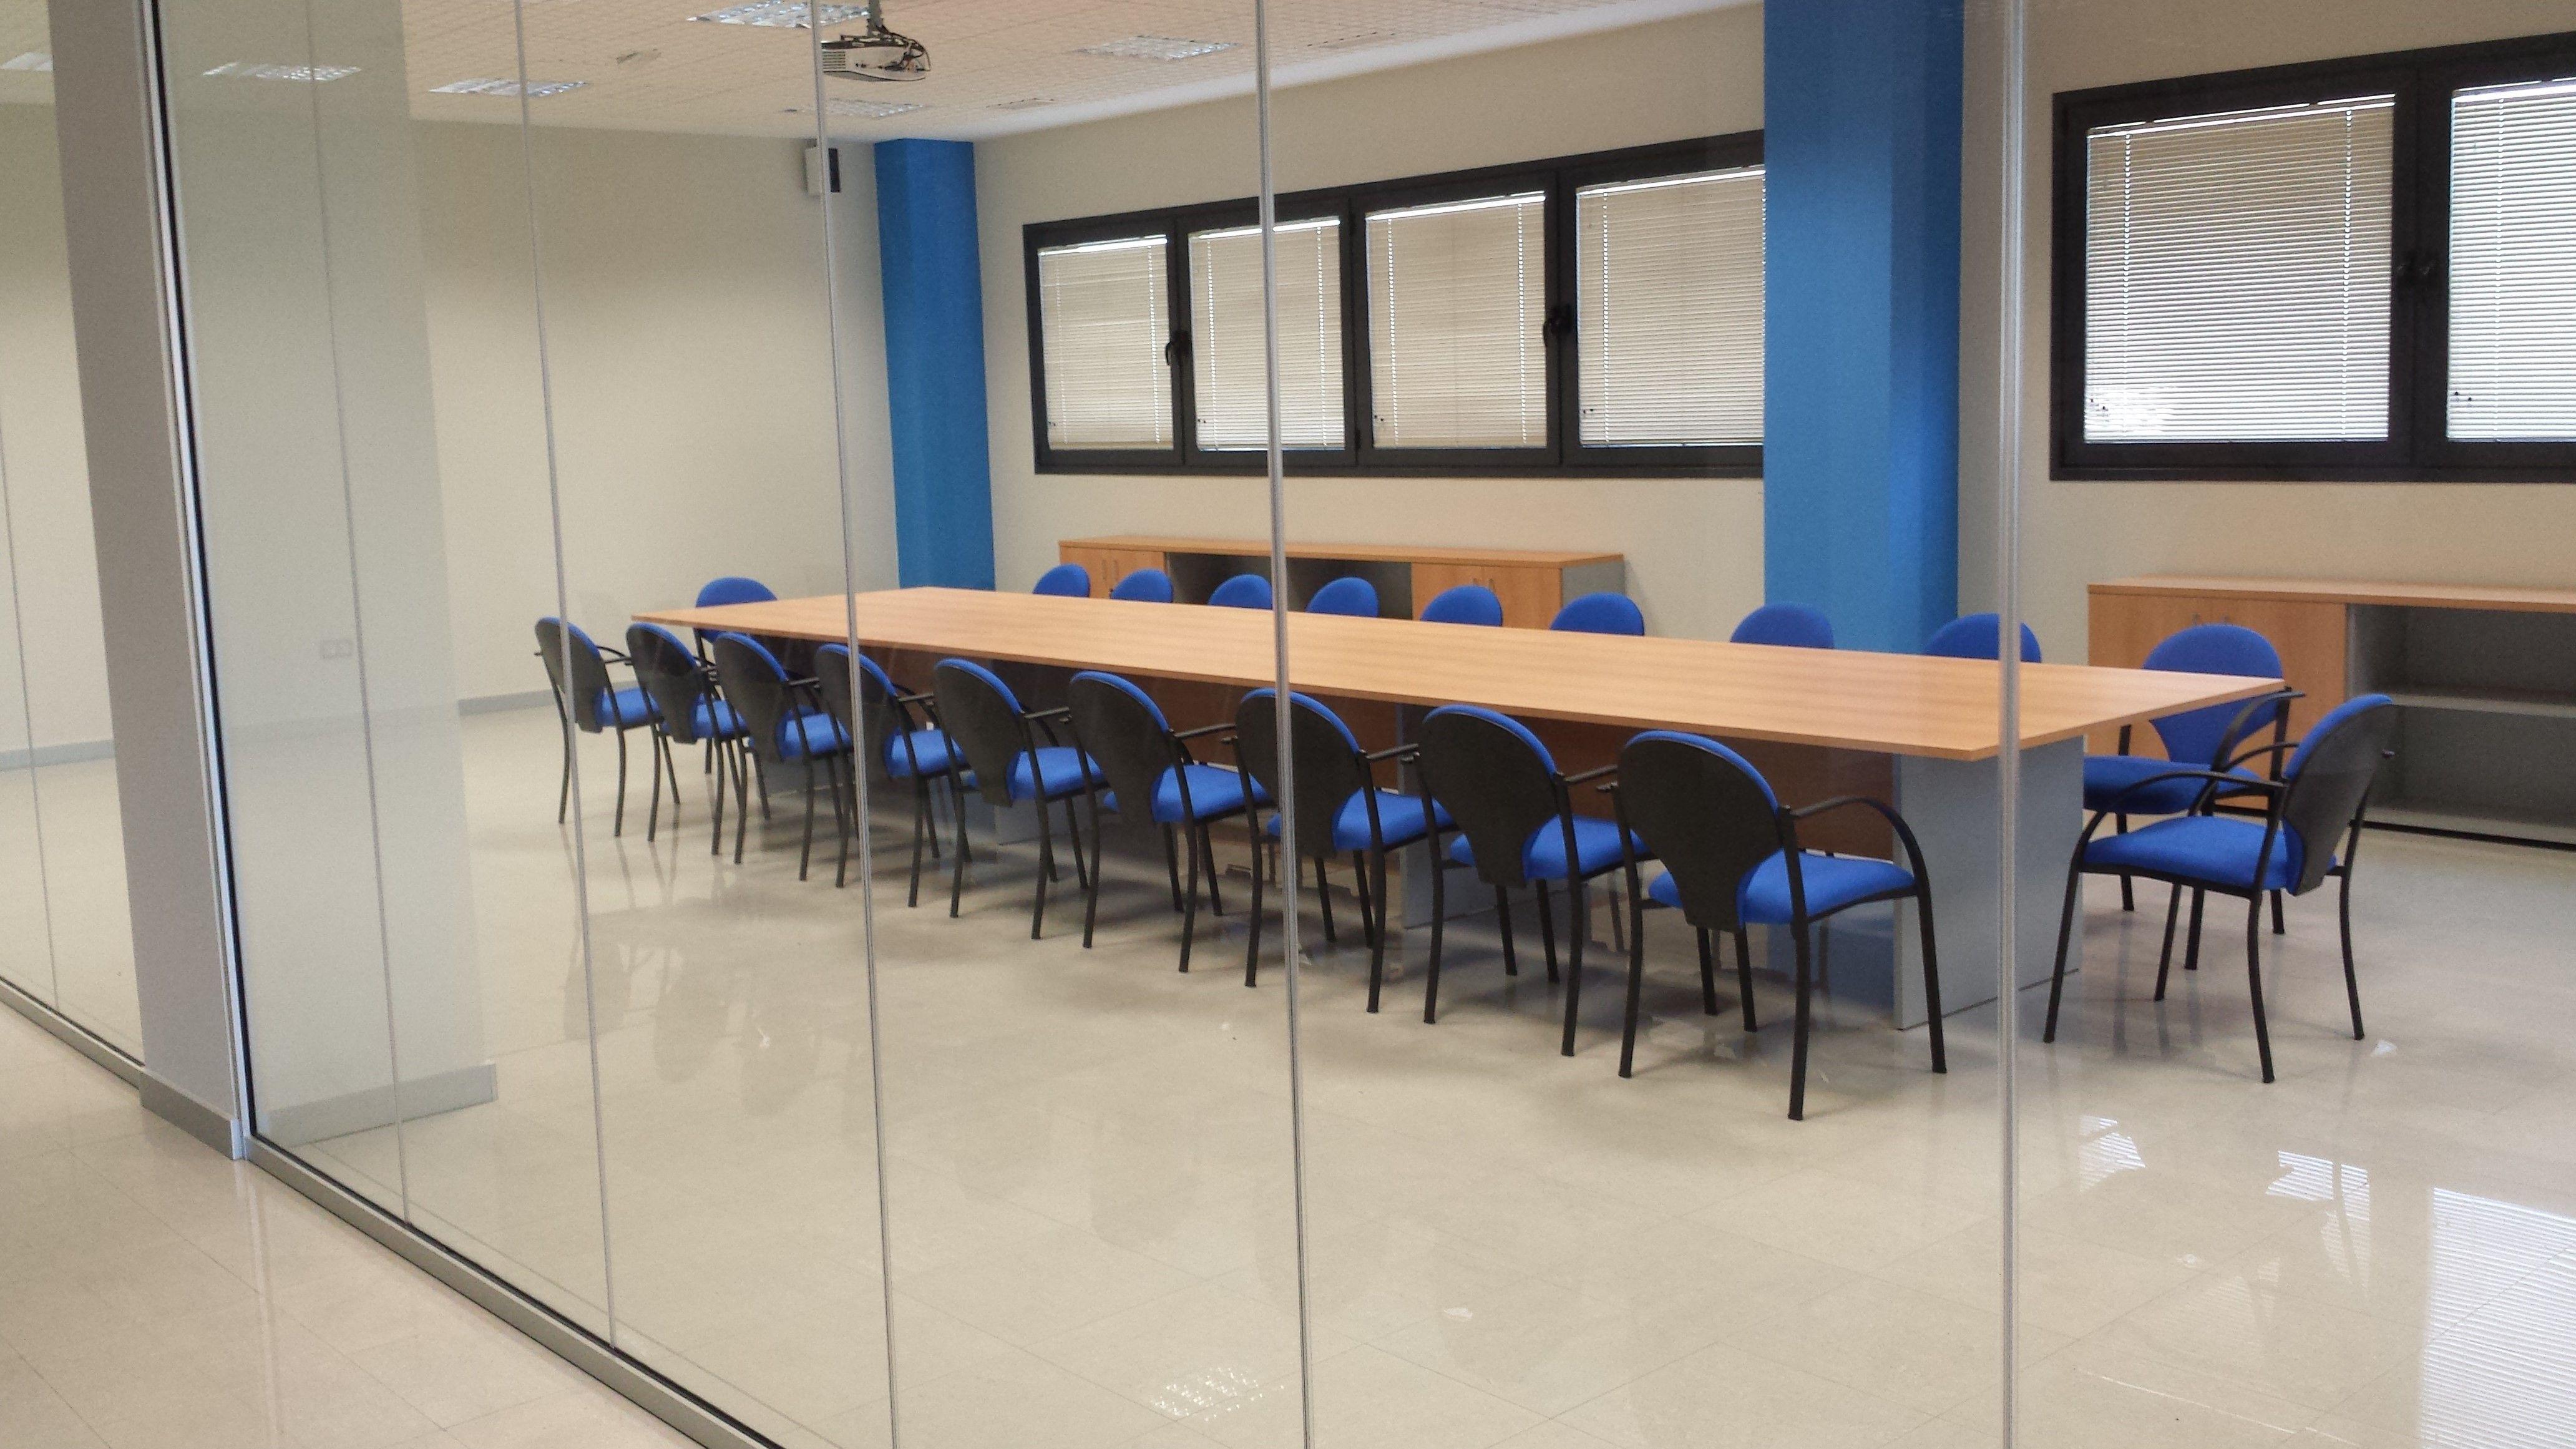 Equipamiento completo para salas de reuniones